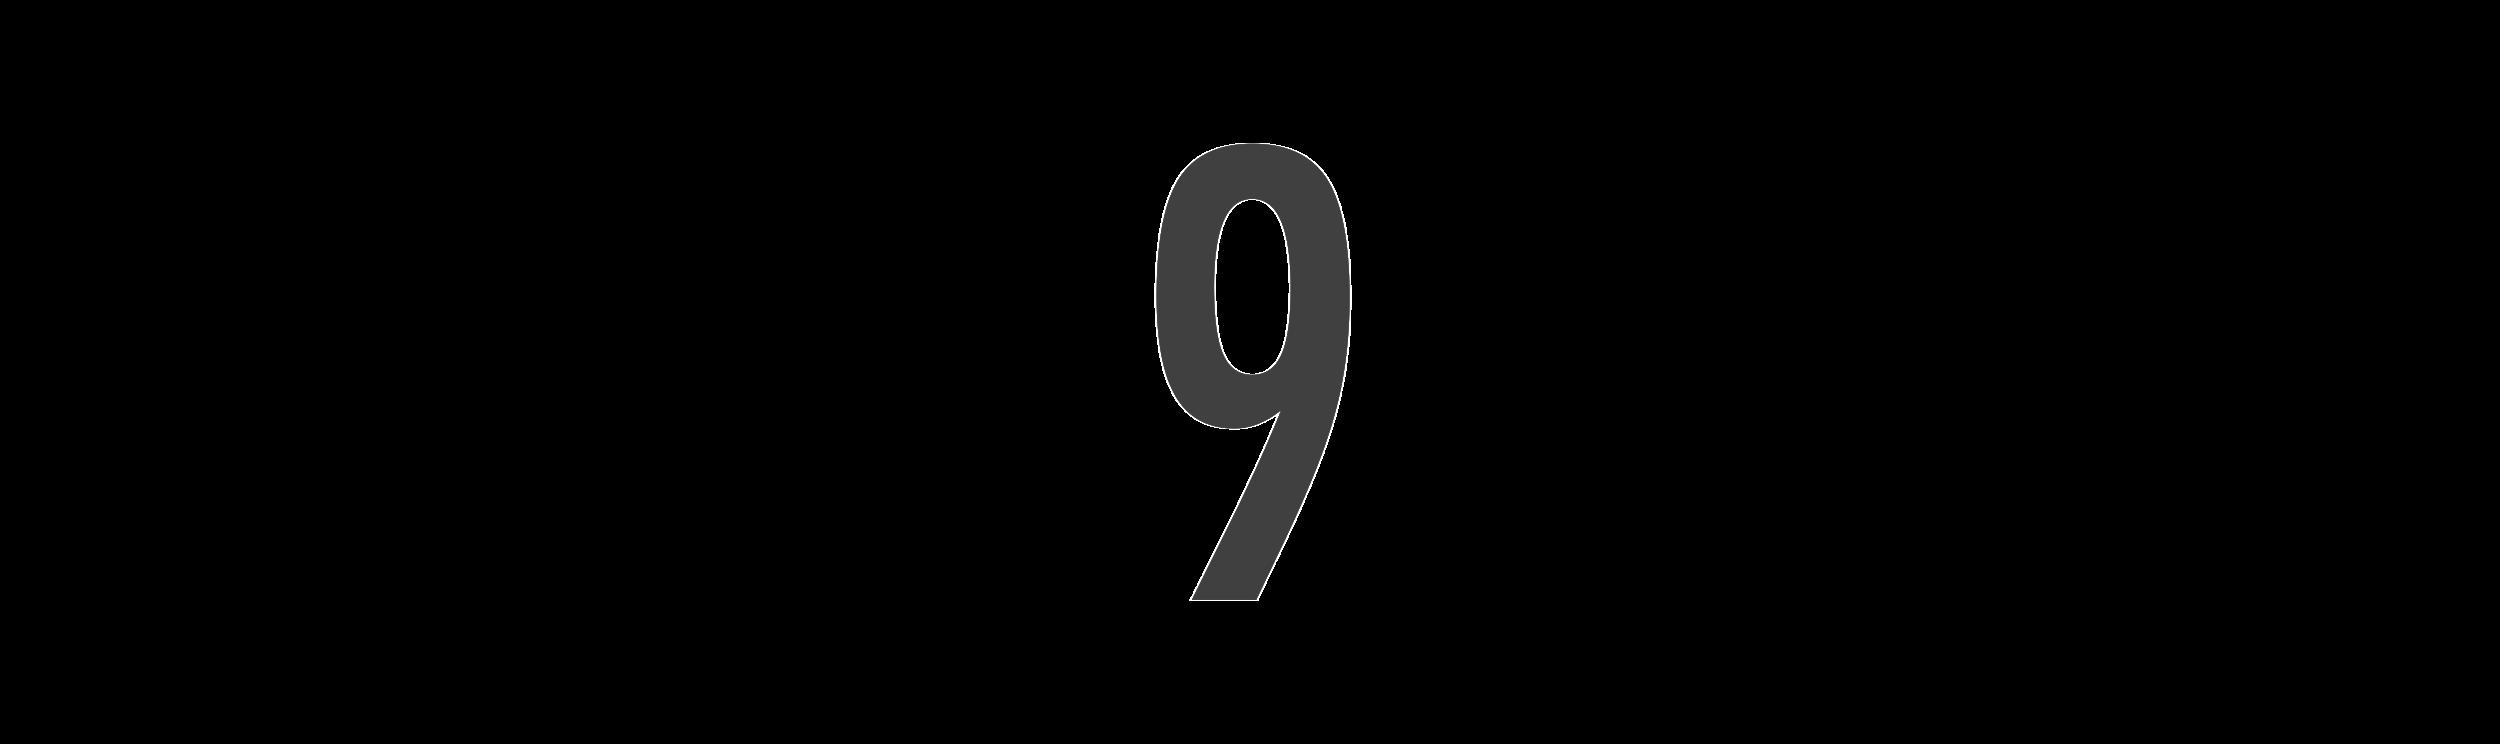 Circle 9.png